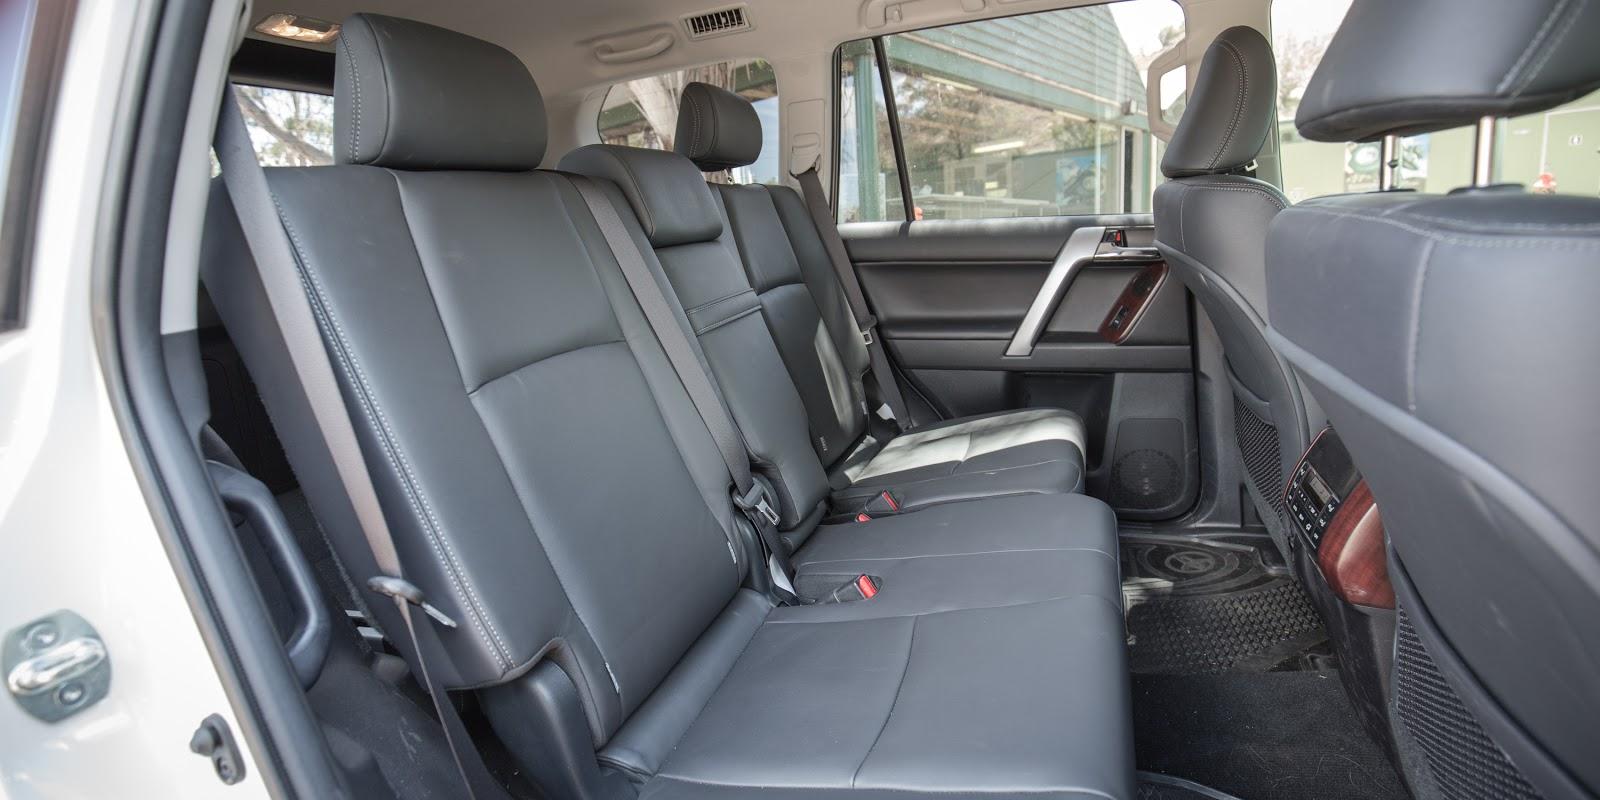 Hàng ghế thứ hai của xe rộng khủng khiếp, 3 người cao to ngồi thoải mái